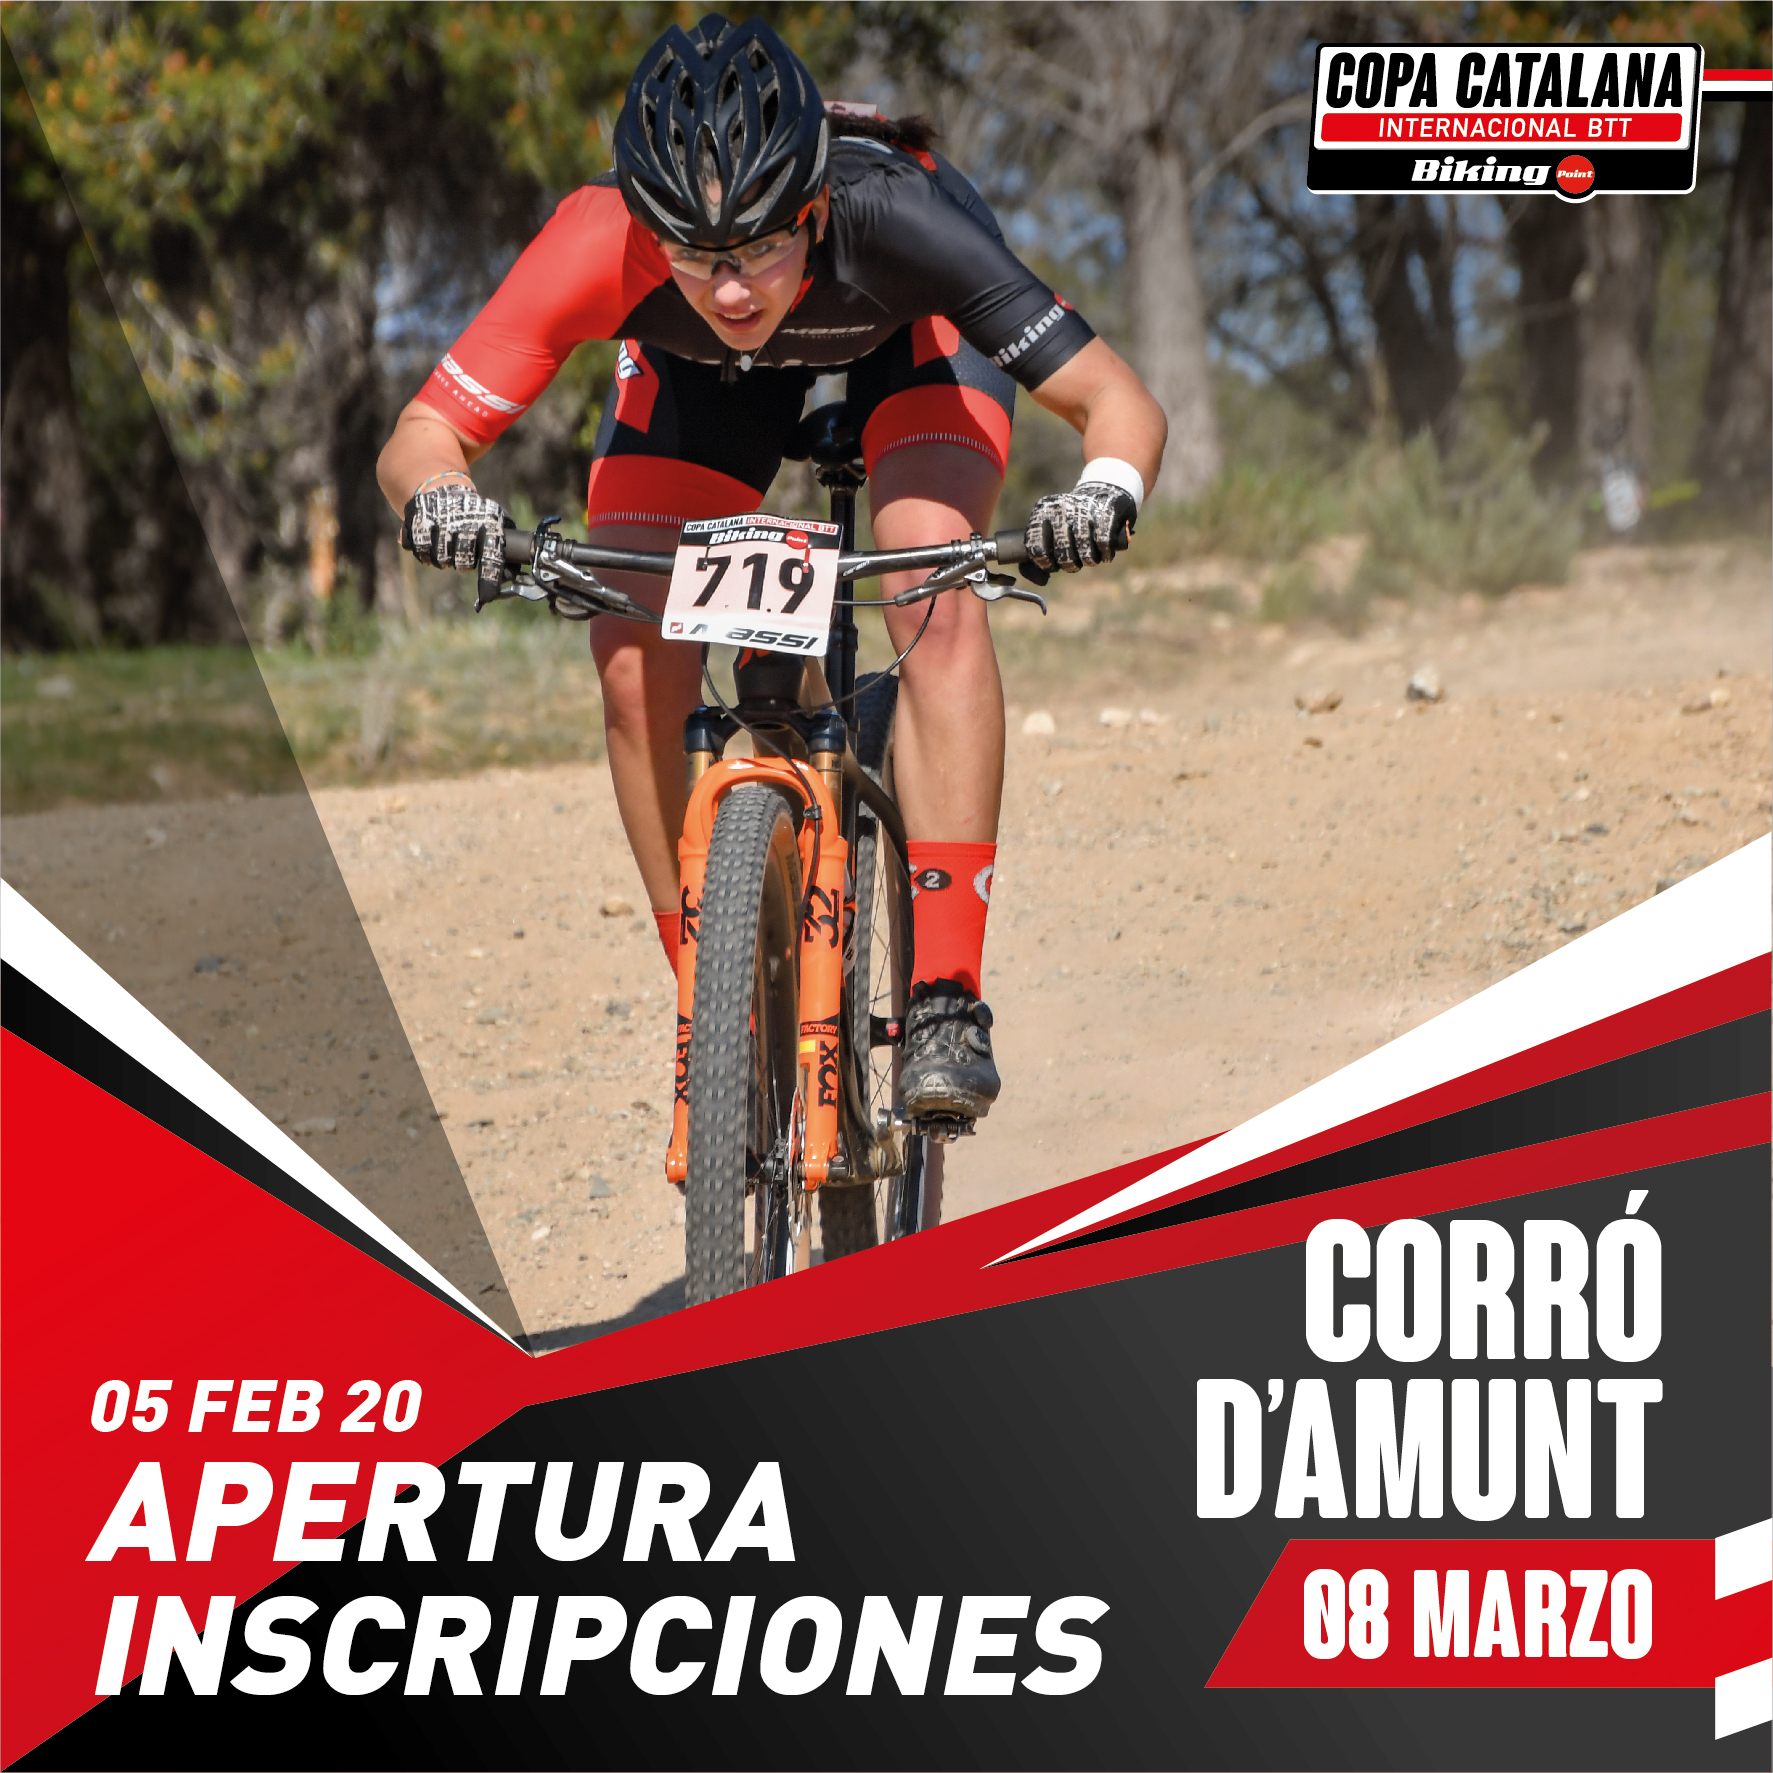 El 5 de febrero se abren las inscripciones de la  Copa Catalana Internacional Biking Point de Corró d'Amunt